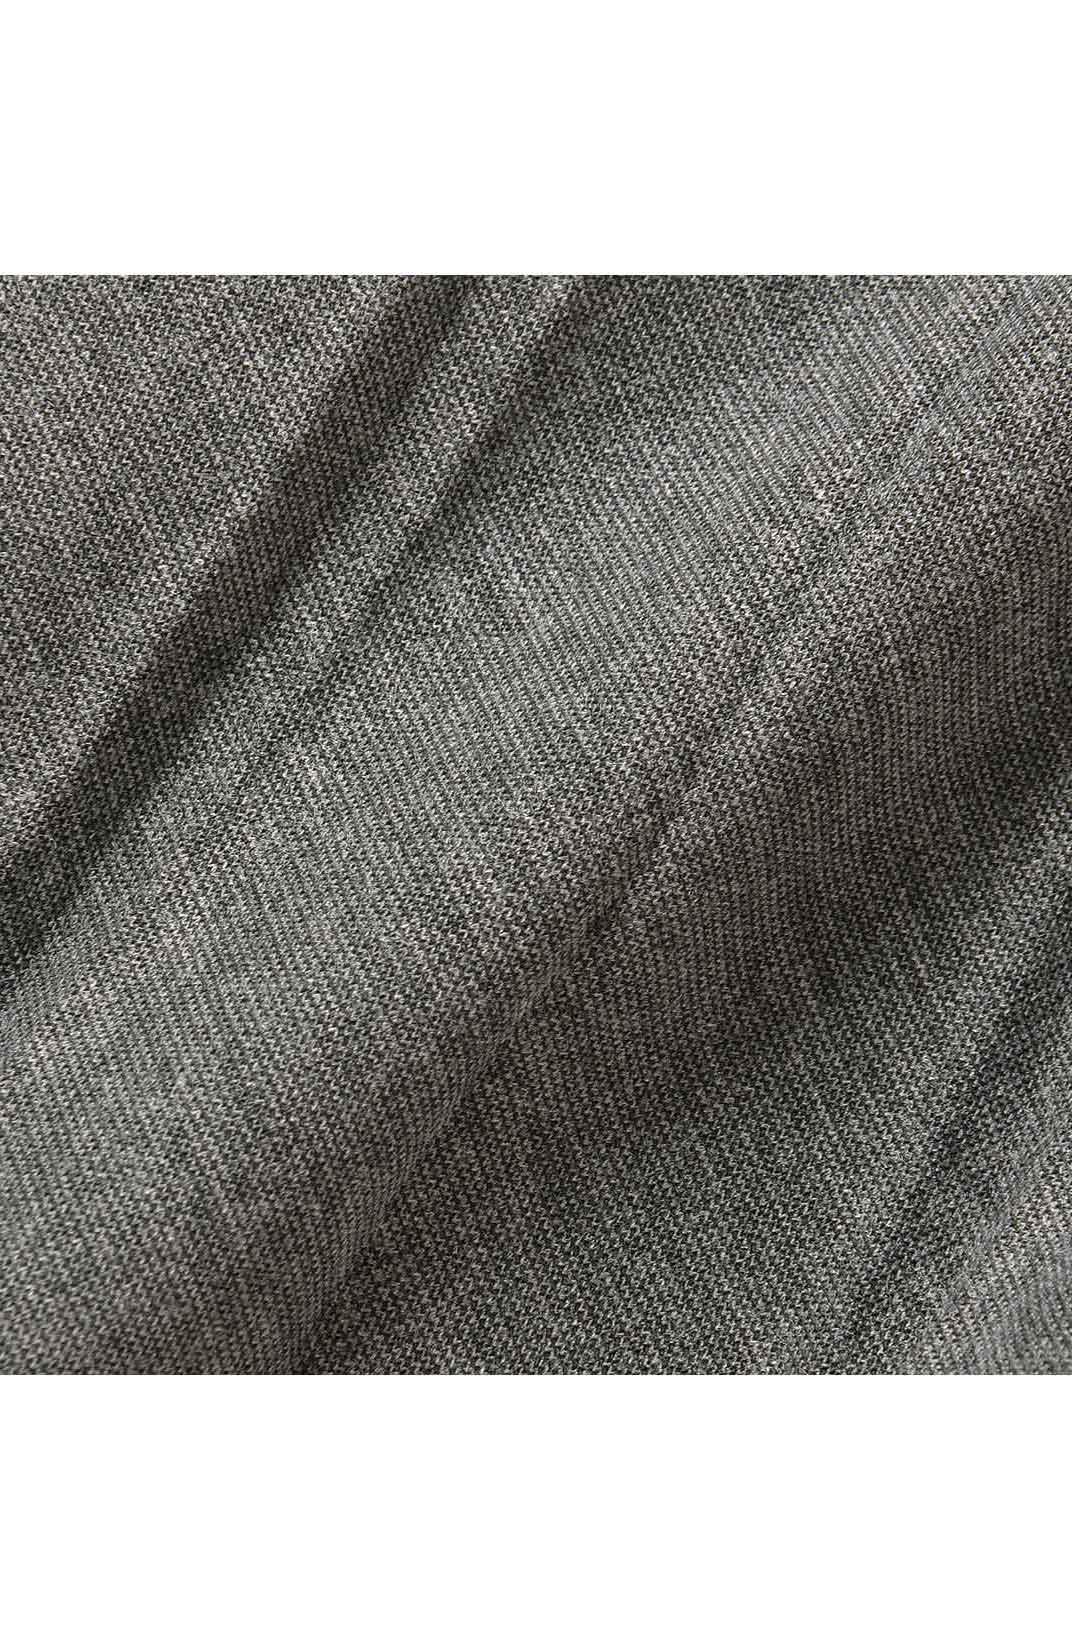 ほどよい厚みのあるカットソー素材を採用。生地を斜め方向に使って実現した美しいランダムプリーツが立体感とこなれ感をアップ。